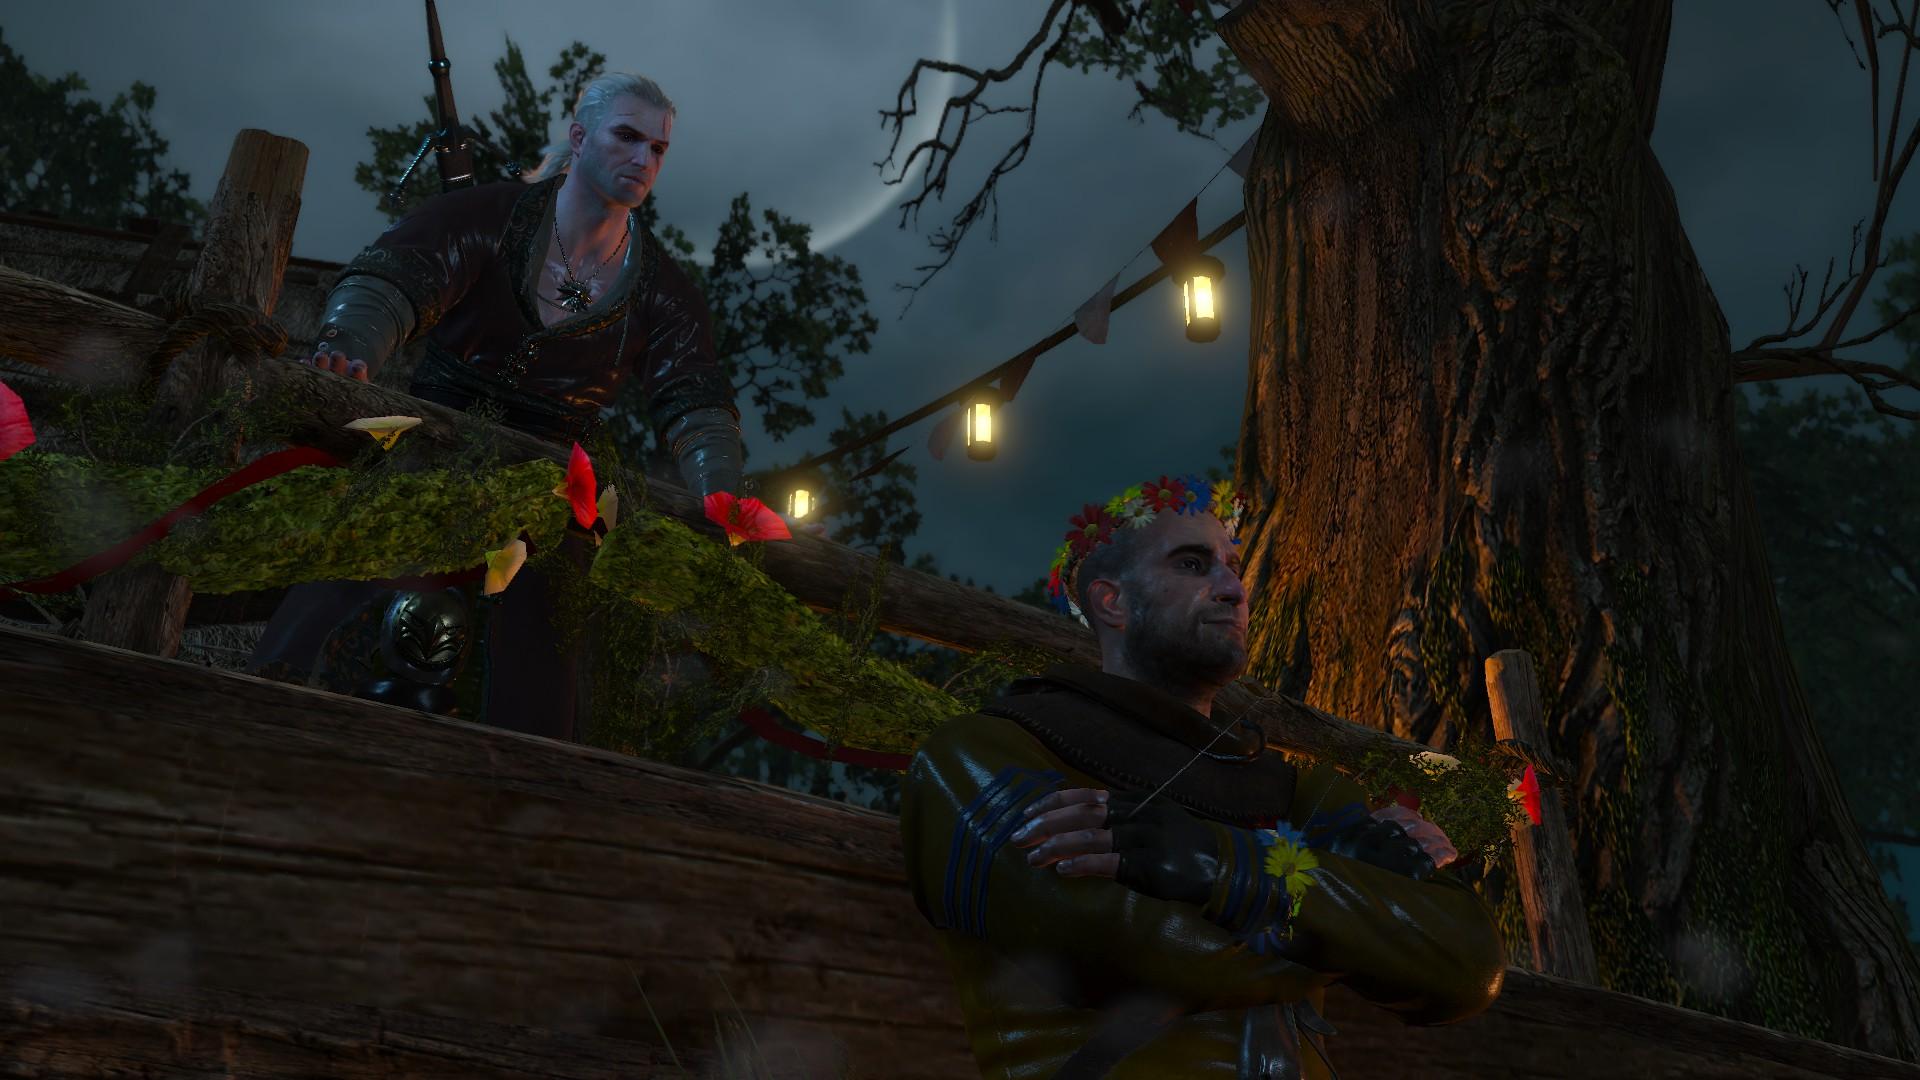 20180204212442_1.jpg - Witcher 3: Wild Hunt, the